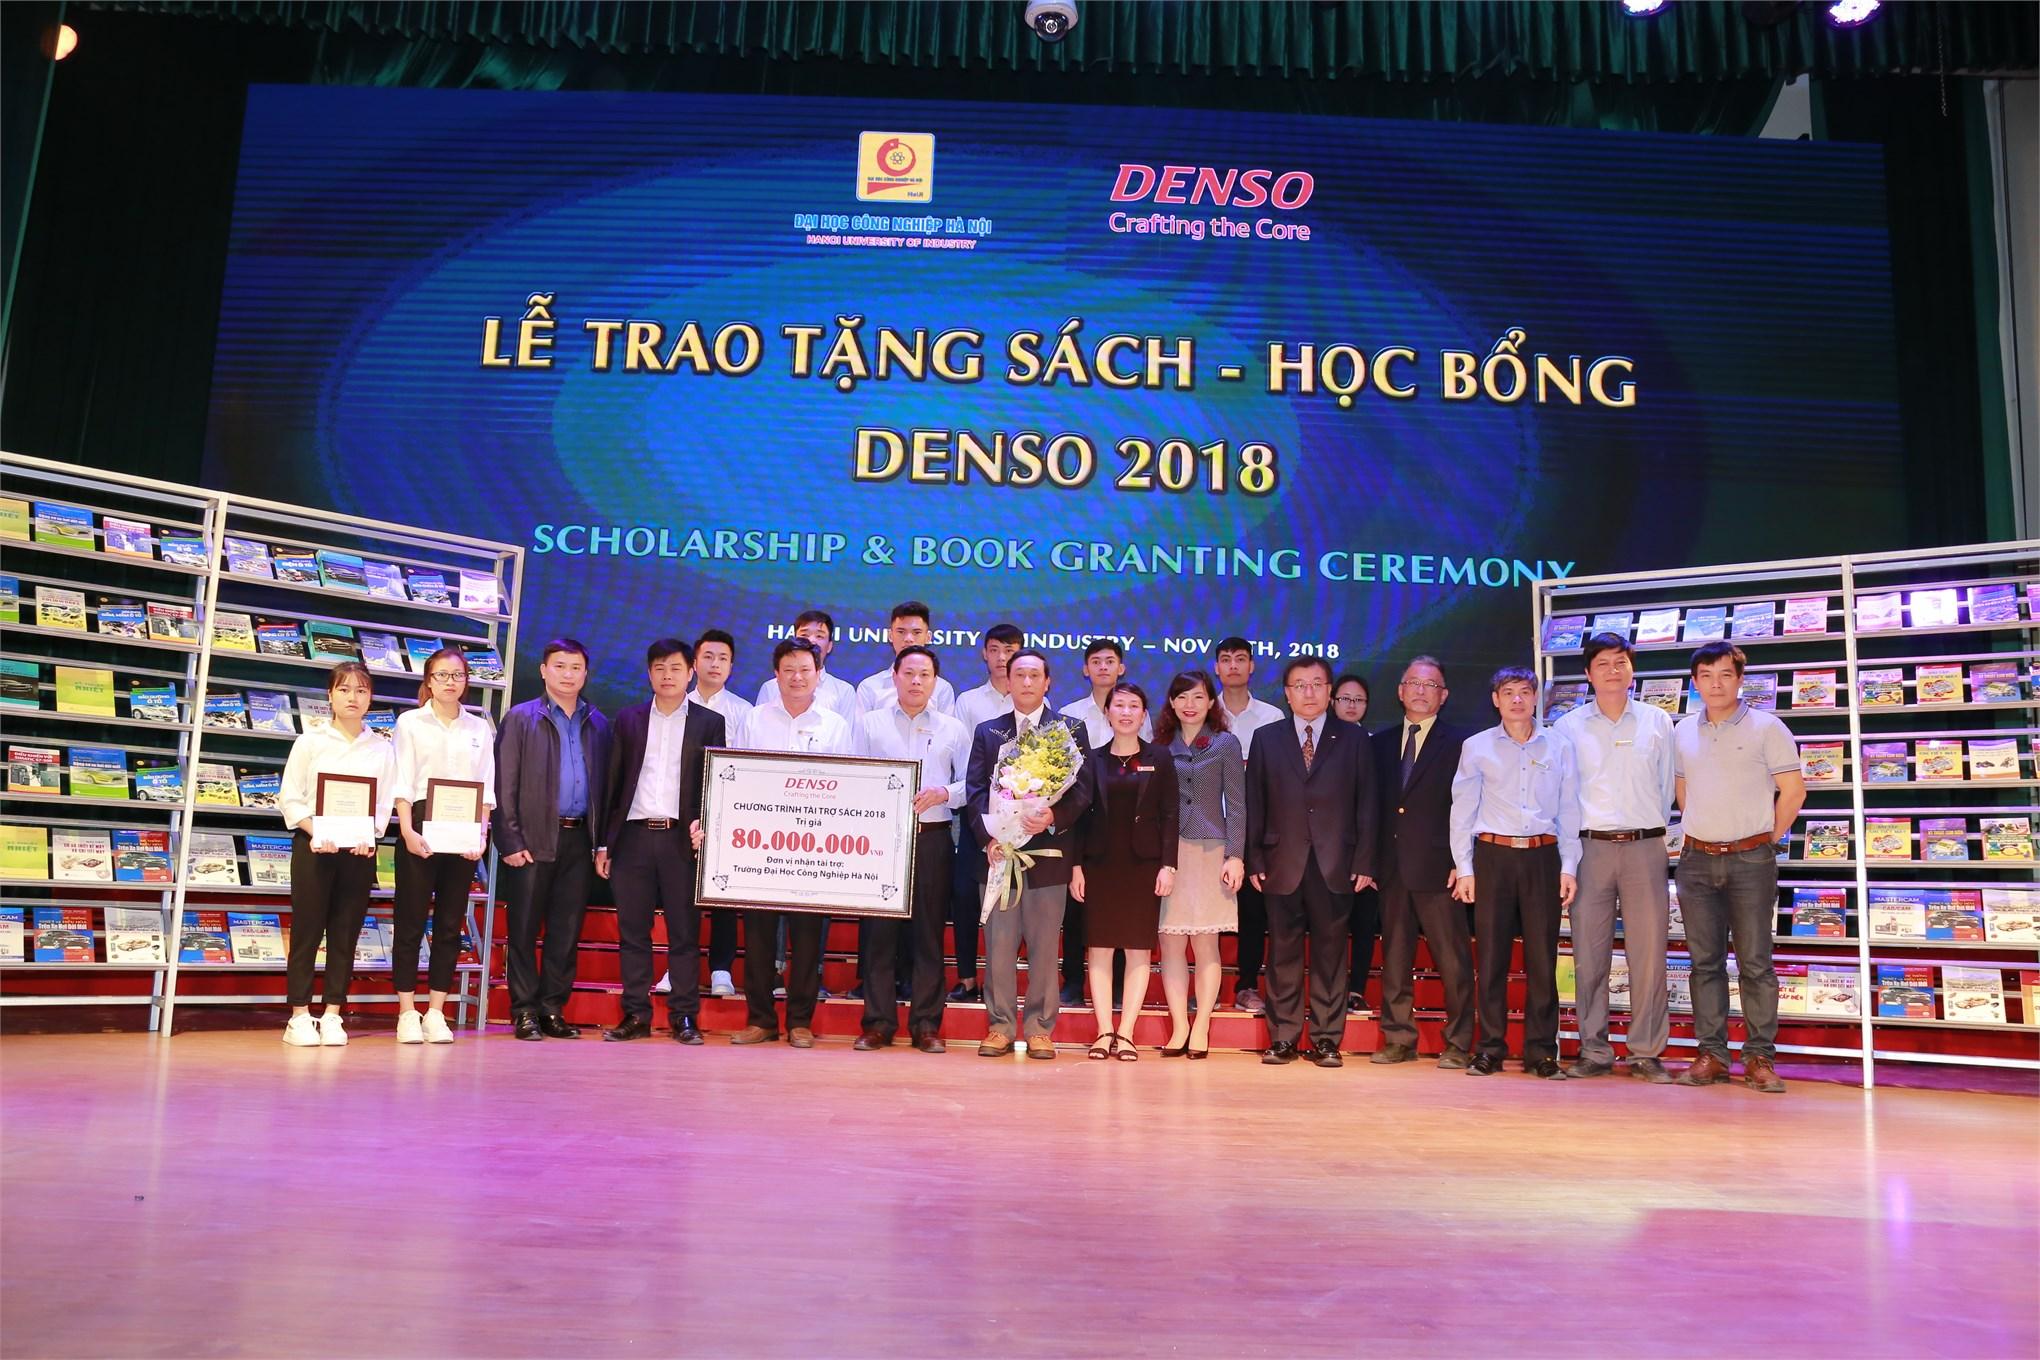 Công ty TNHH DENSO Việt Nam trao tặng sách và học bổng cho Đại học Công nghiệp Hà Nội